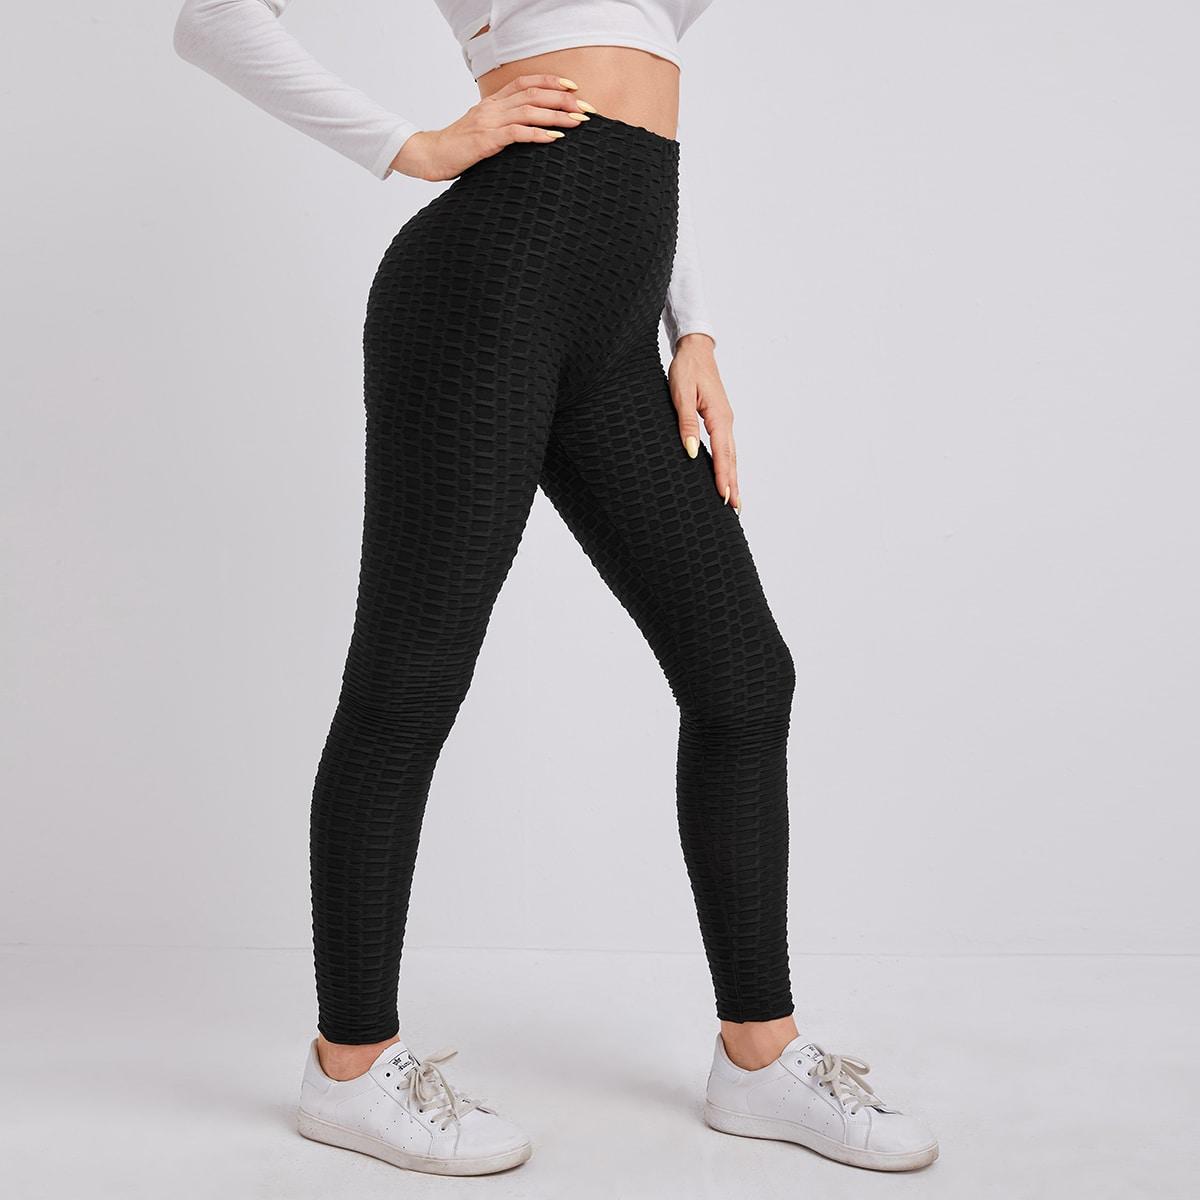 SHEIN / Texturierte Leggings mit hoher Taille